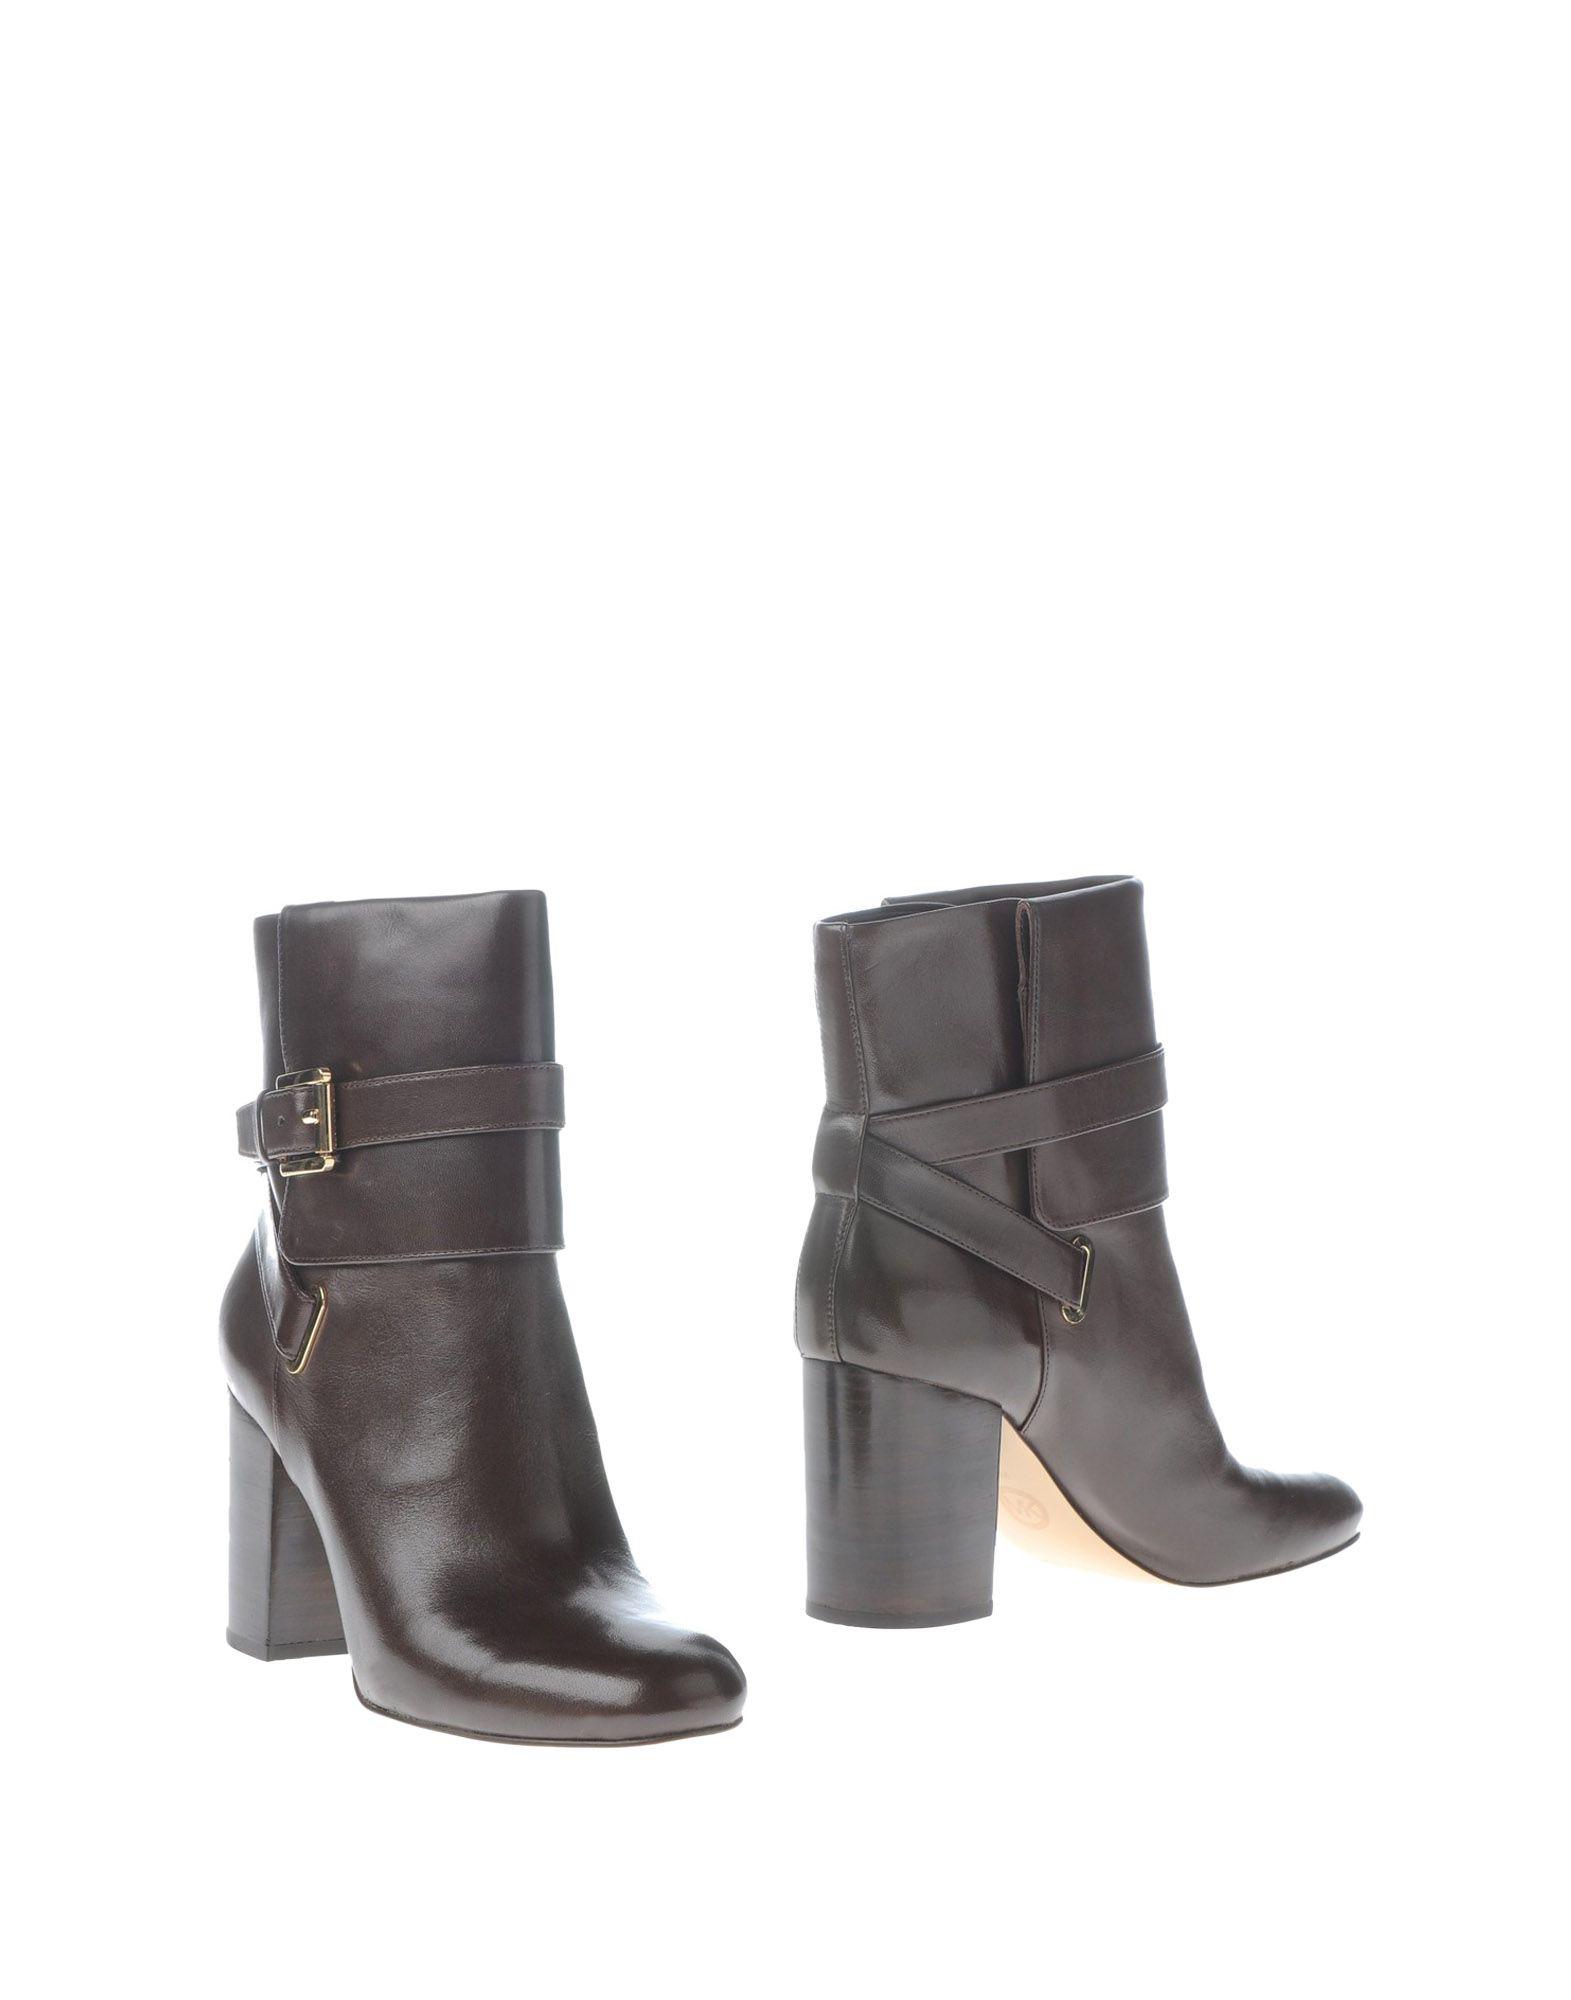 MICHAEL  KORS Полусапоги  высокие ботинки